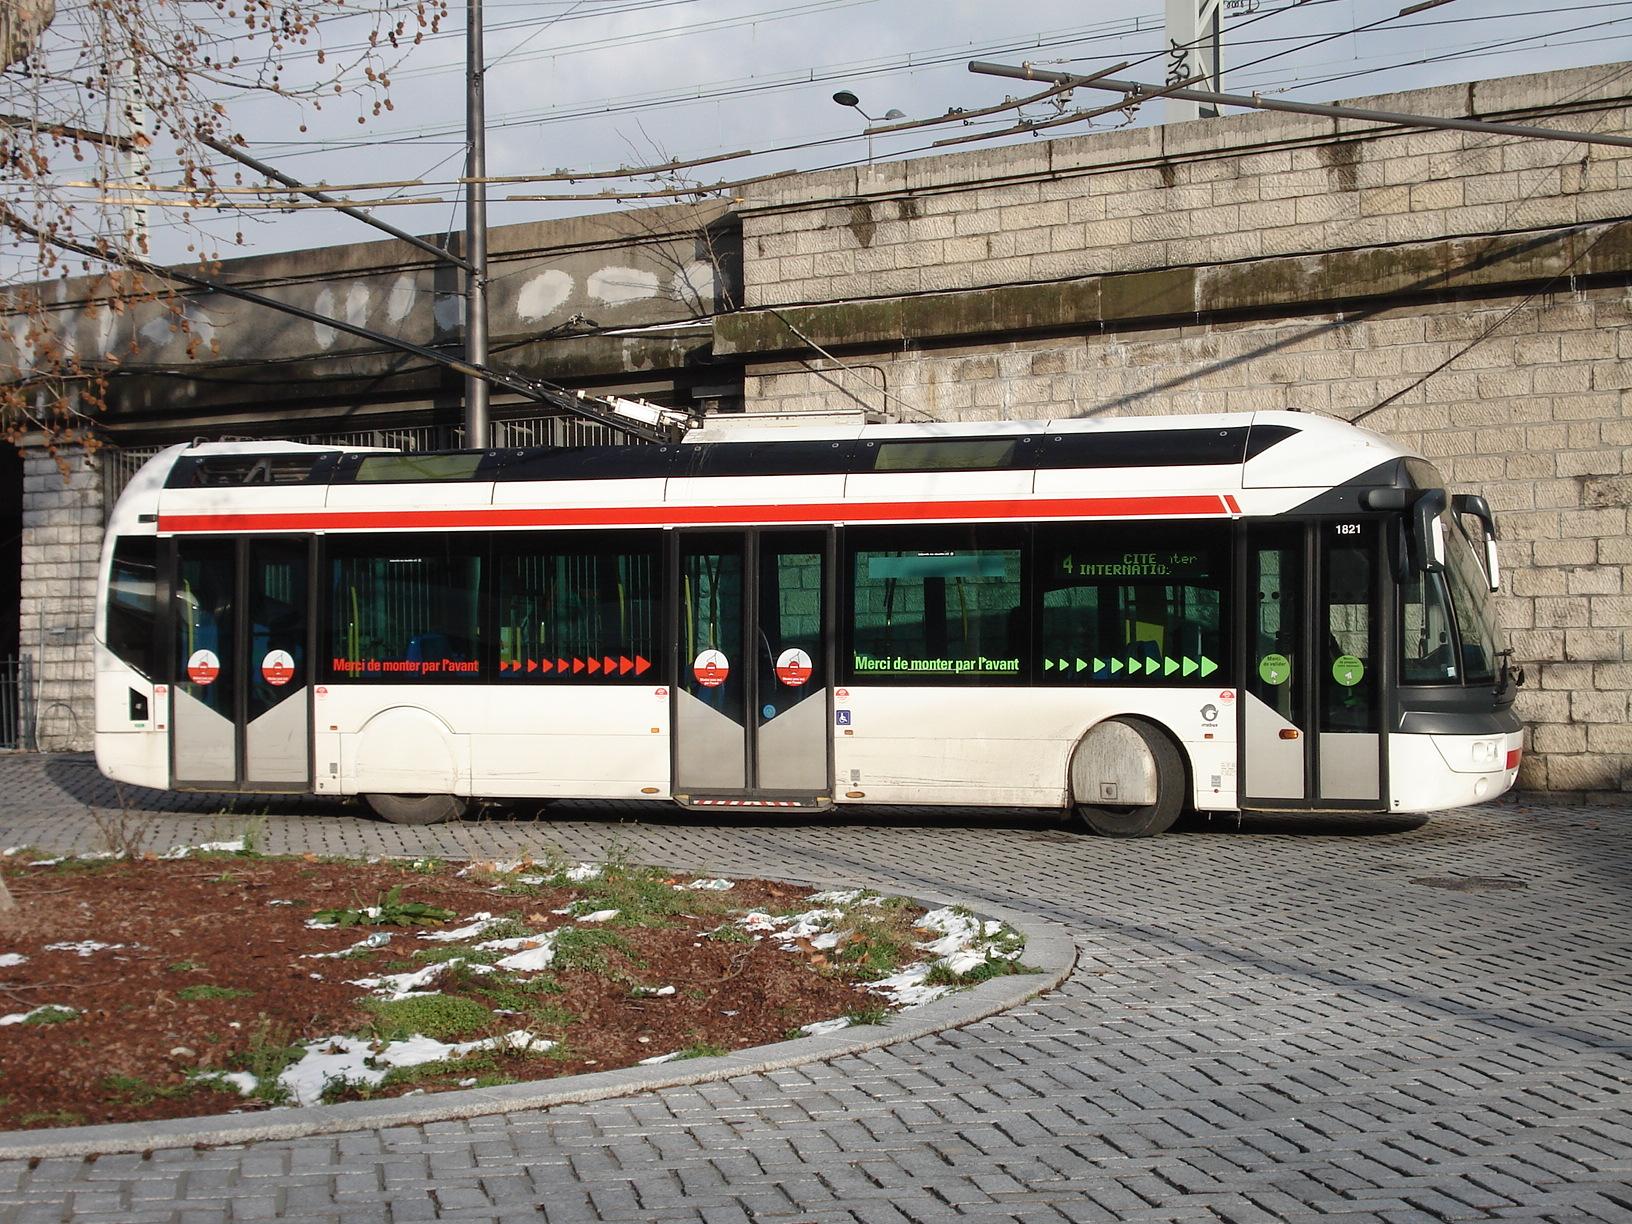 Transport mobilit urbaine afficher le - Bus lyon nancy ...